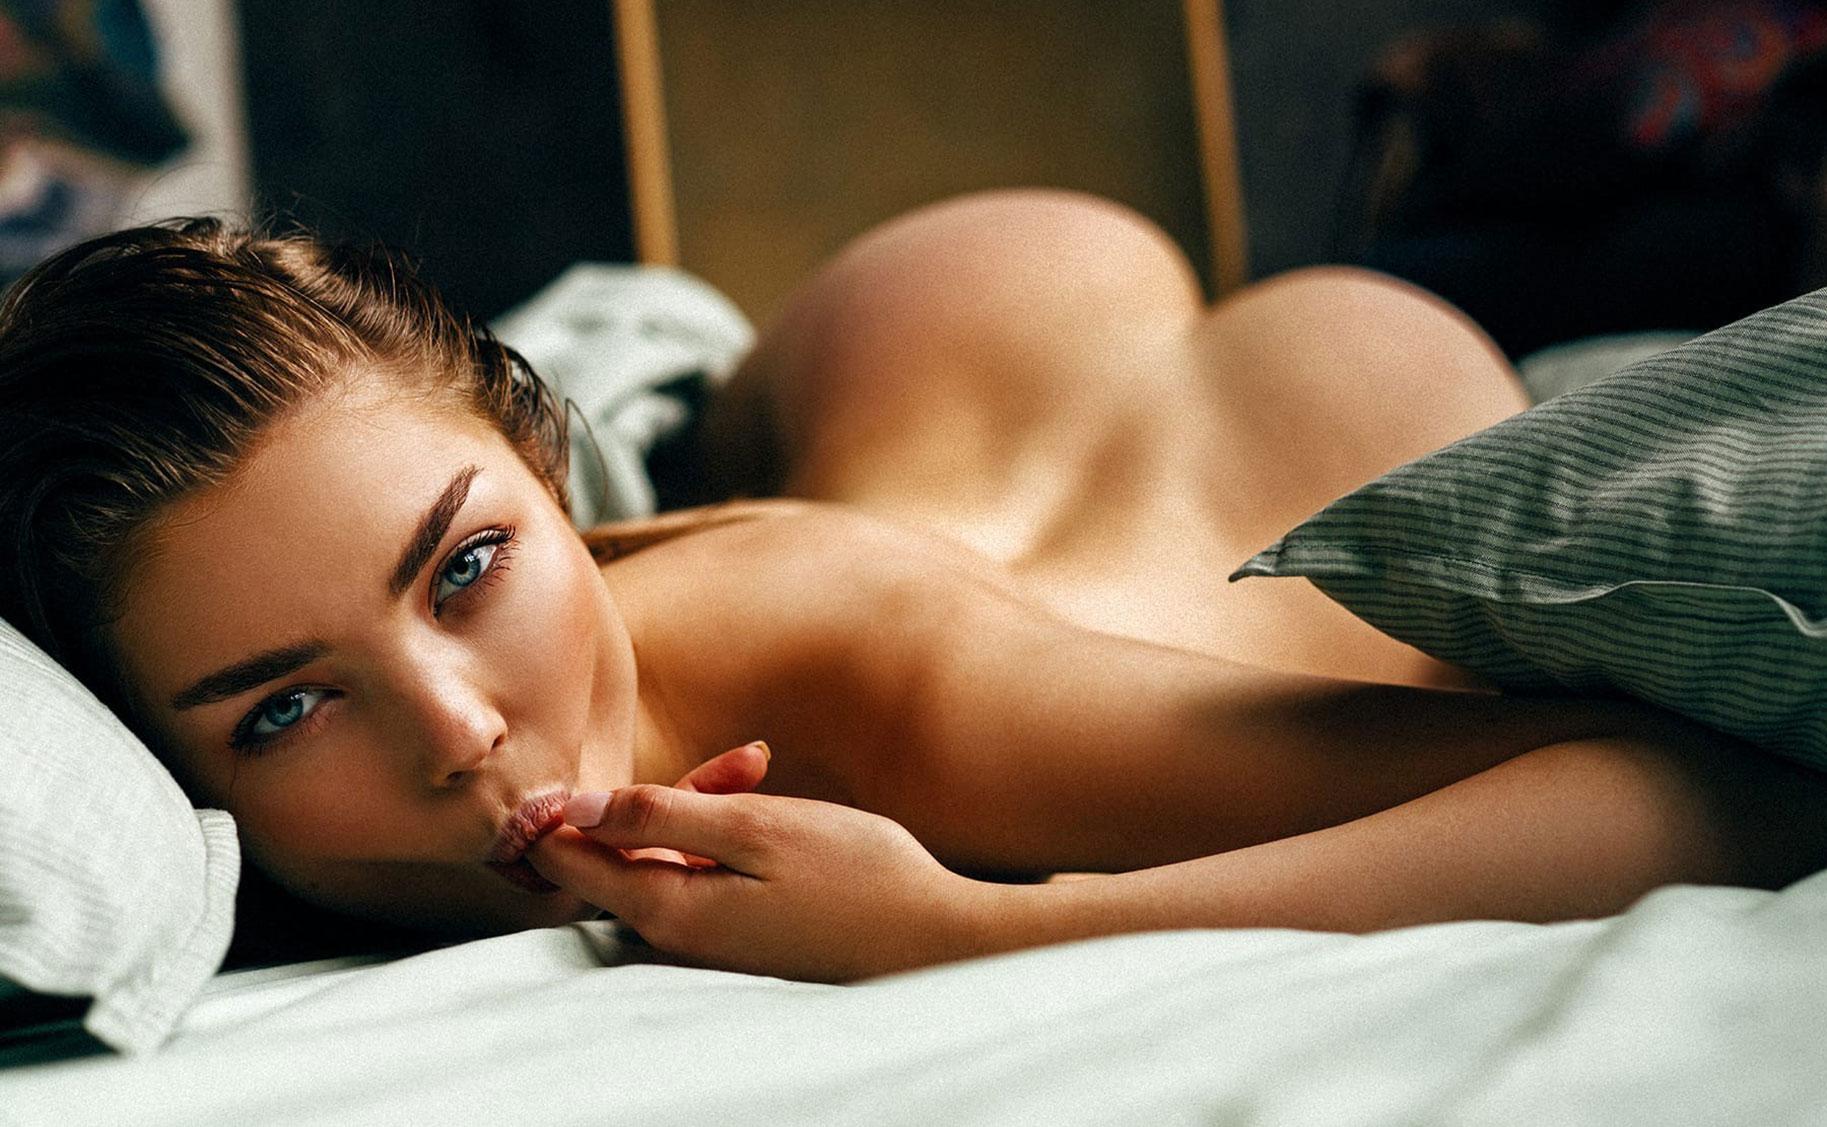 соблазнительная Екатерина Клигер демонстрирует свою красивую попу и другие части тела / фото 01